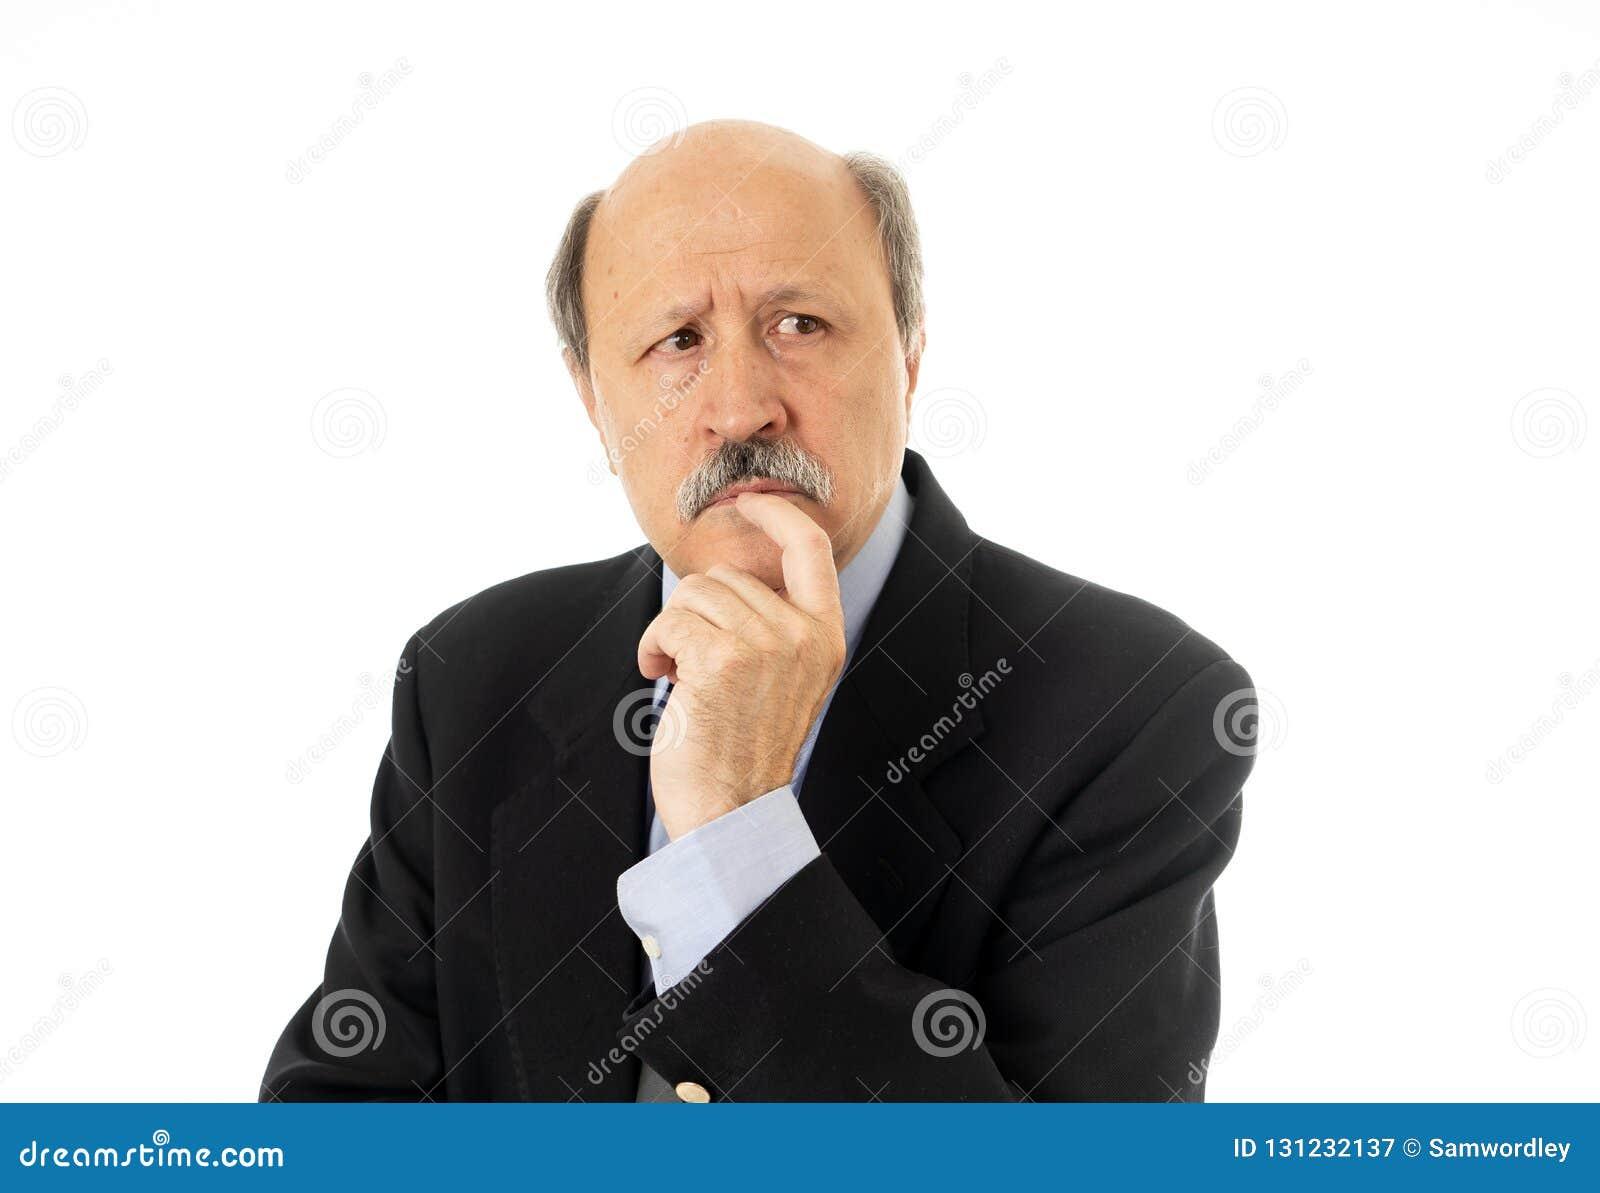 Retrato do homem superior do negócio em seu 60s que pensa na decisão ou no próximo passo executivo em problemas do trabalho e em